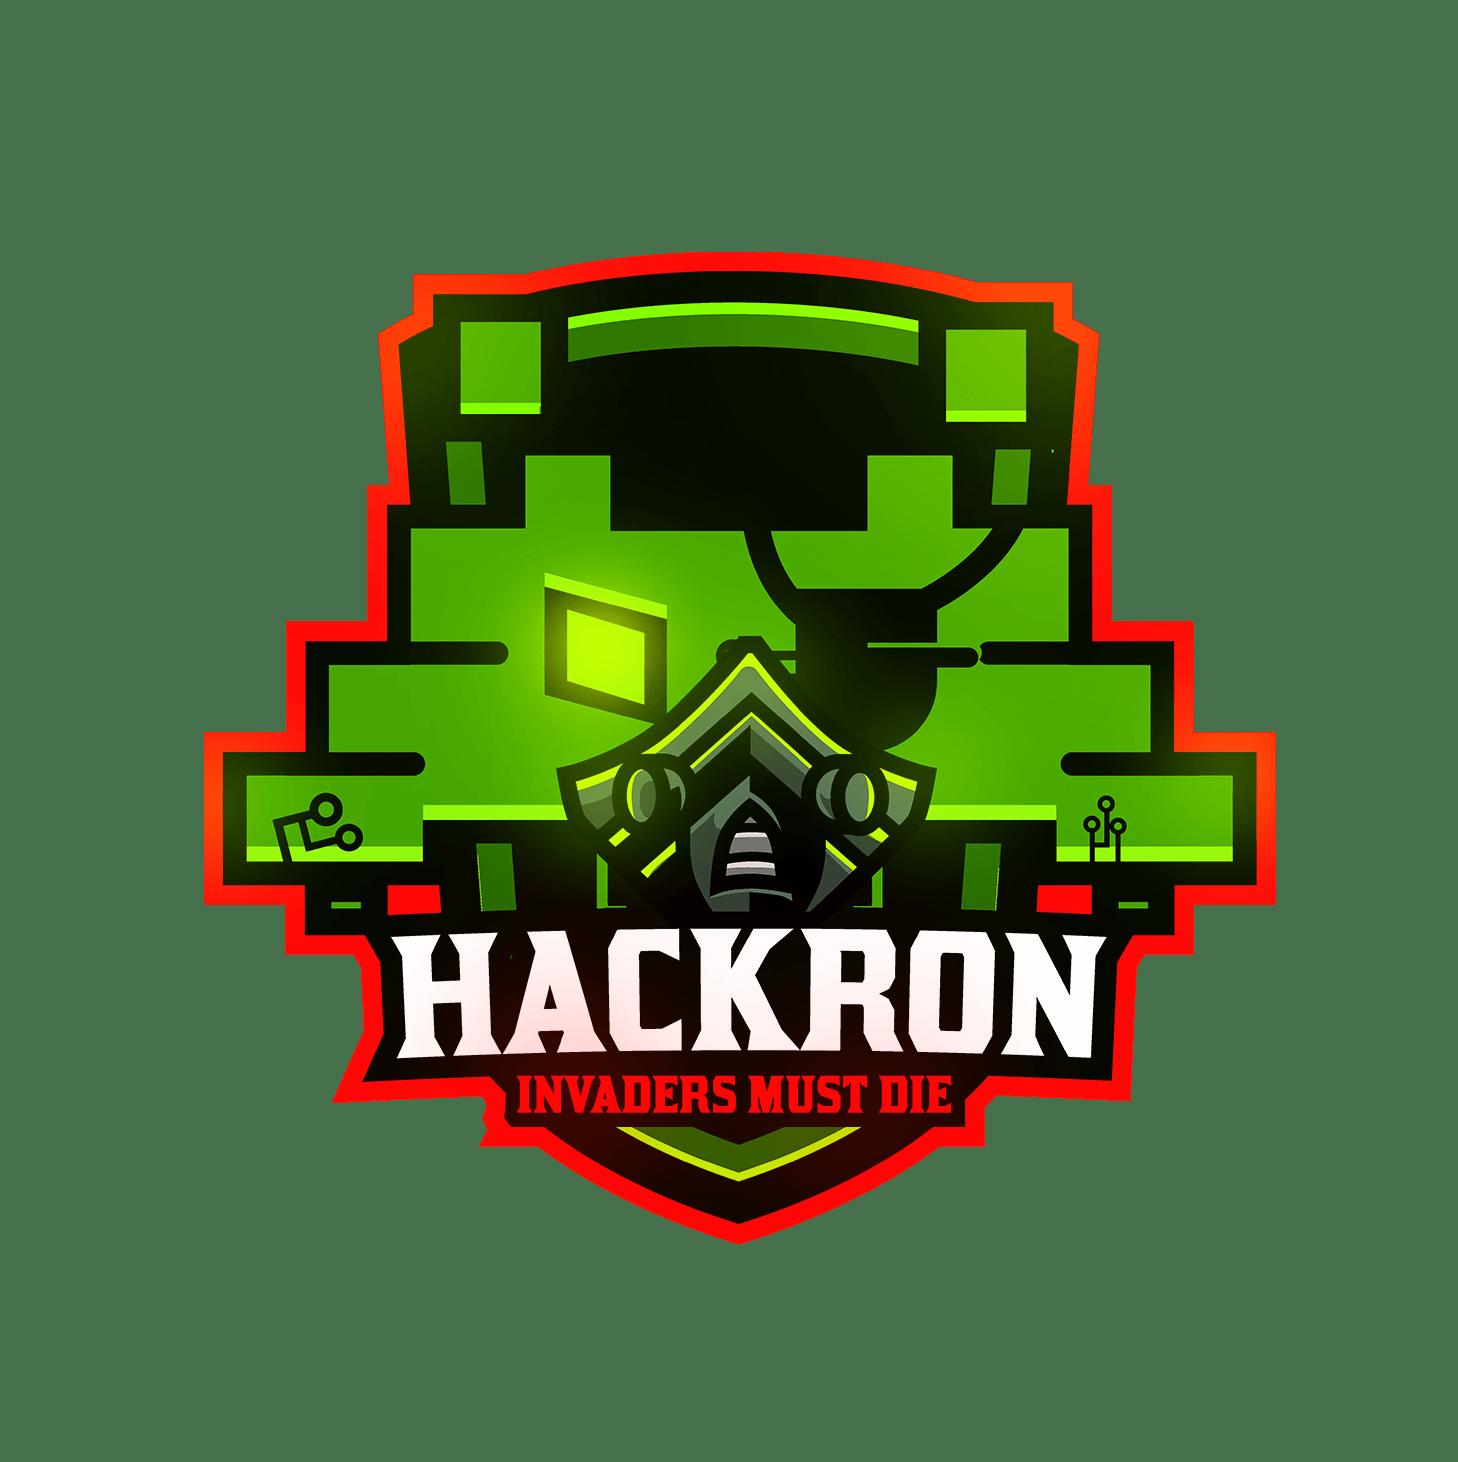 hackron-logo